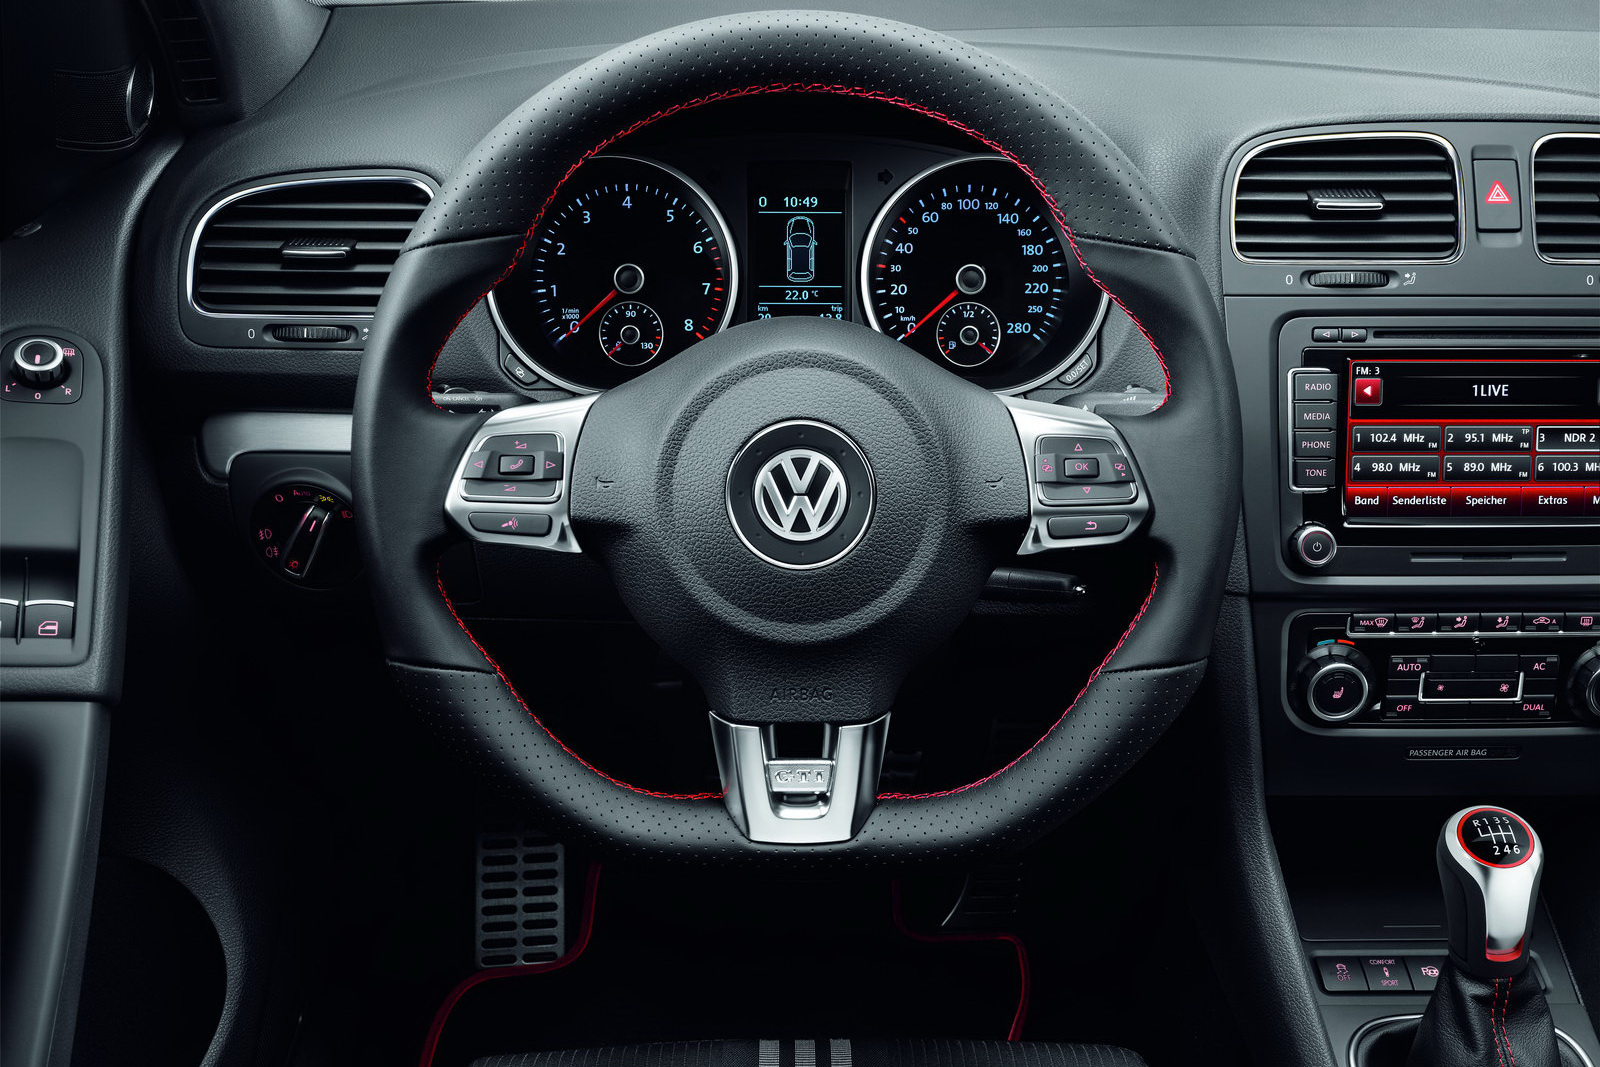 1bpblogspot FoXyvaPSnVk S Volkswagen Golf GTi Adidas Wallpaper